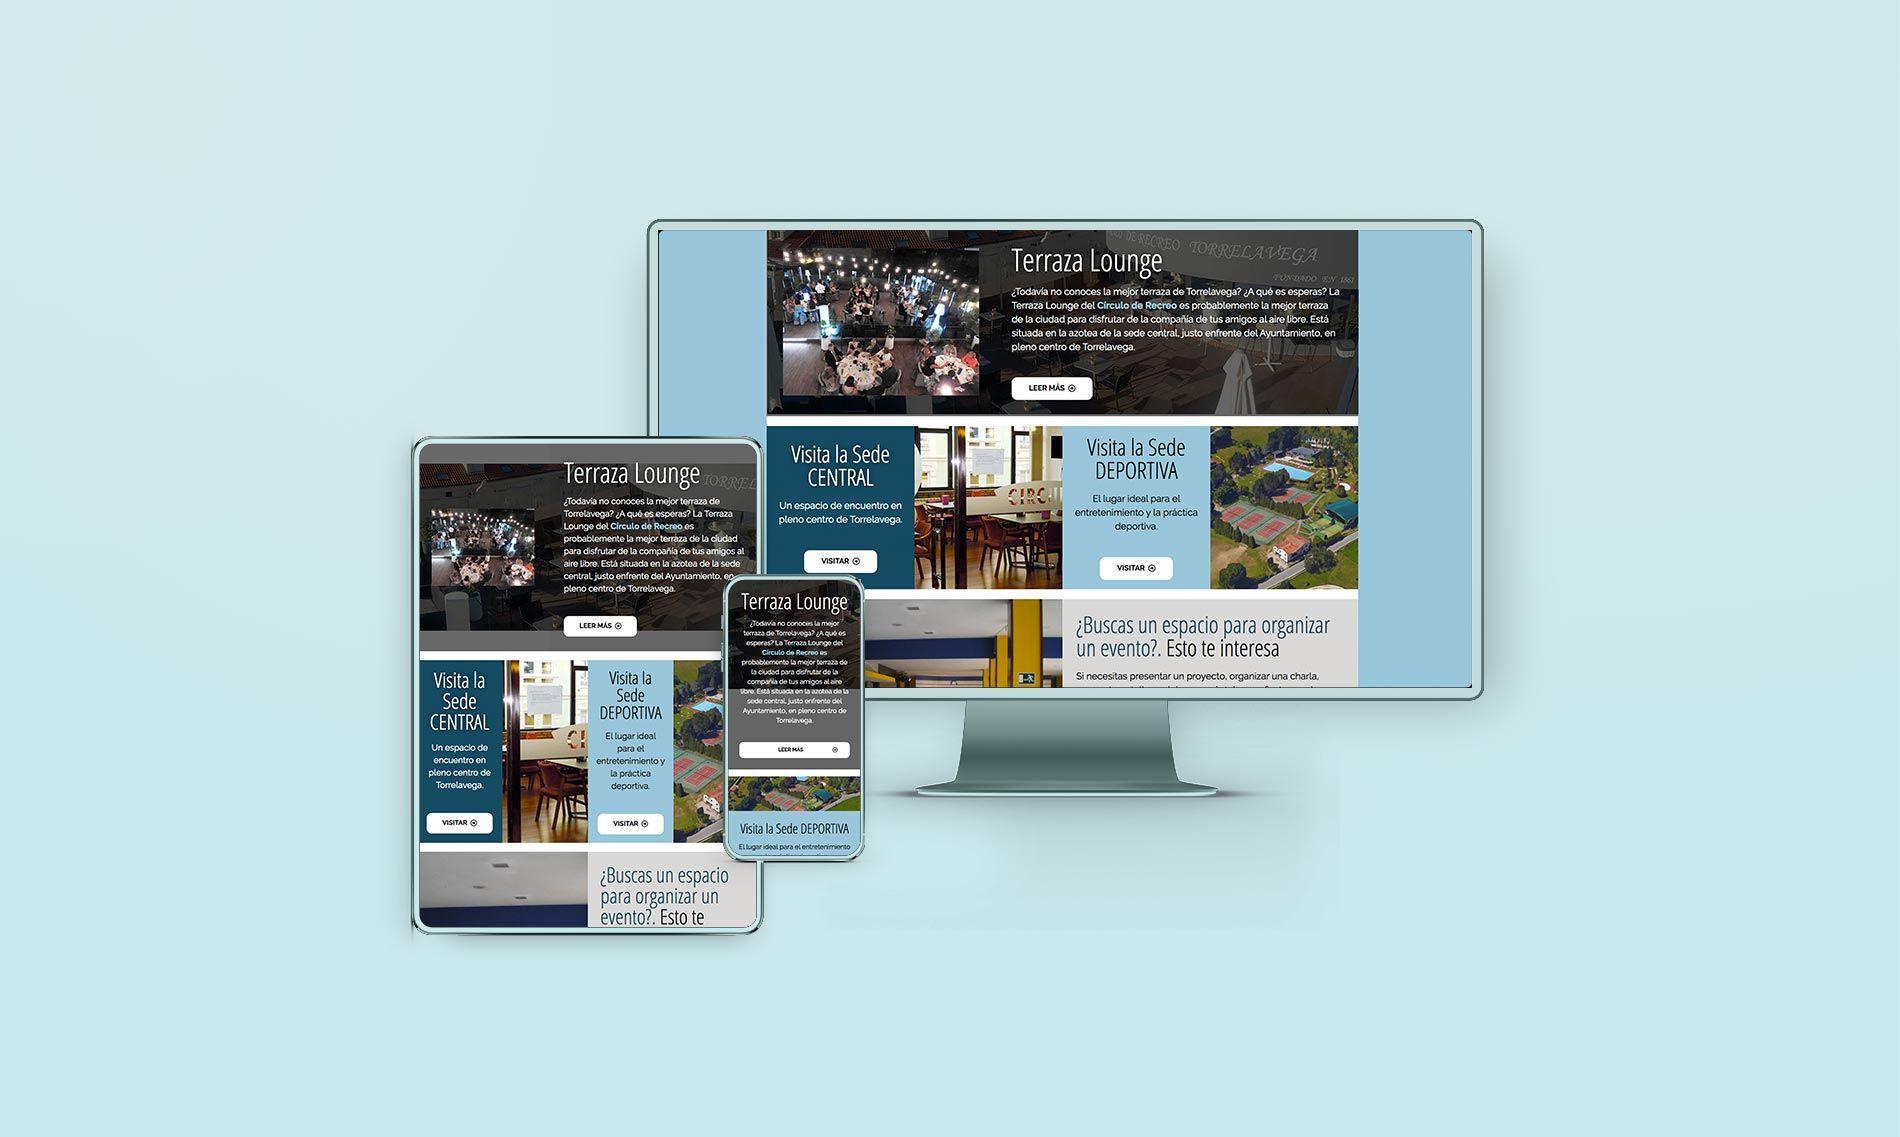 adaptación a móviles de la página web del circulo de recreo de Torrelavega